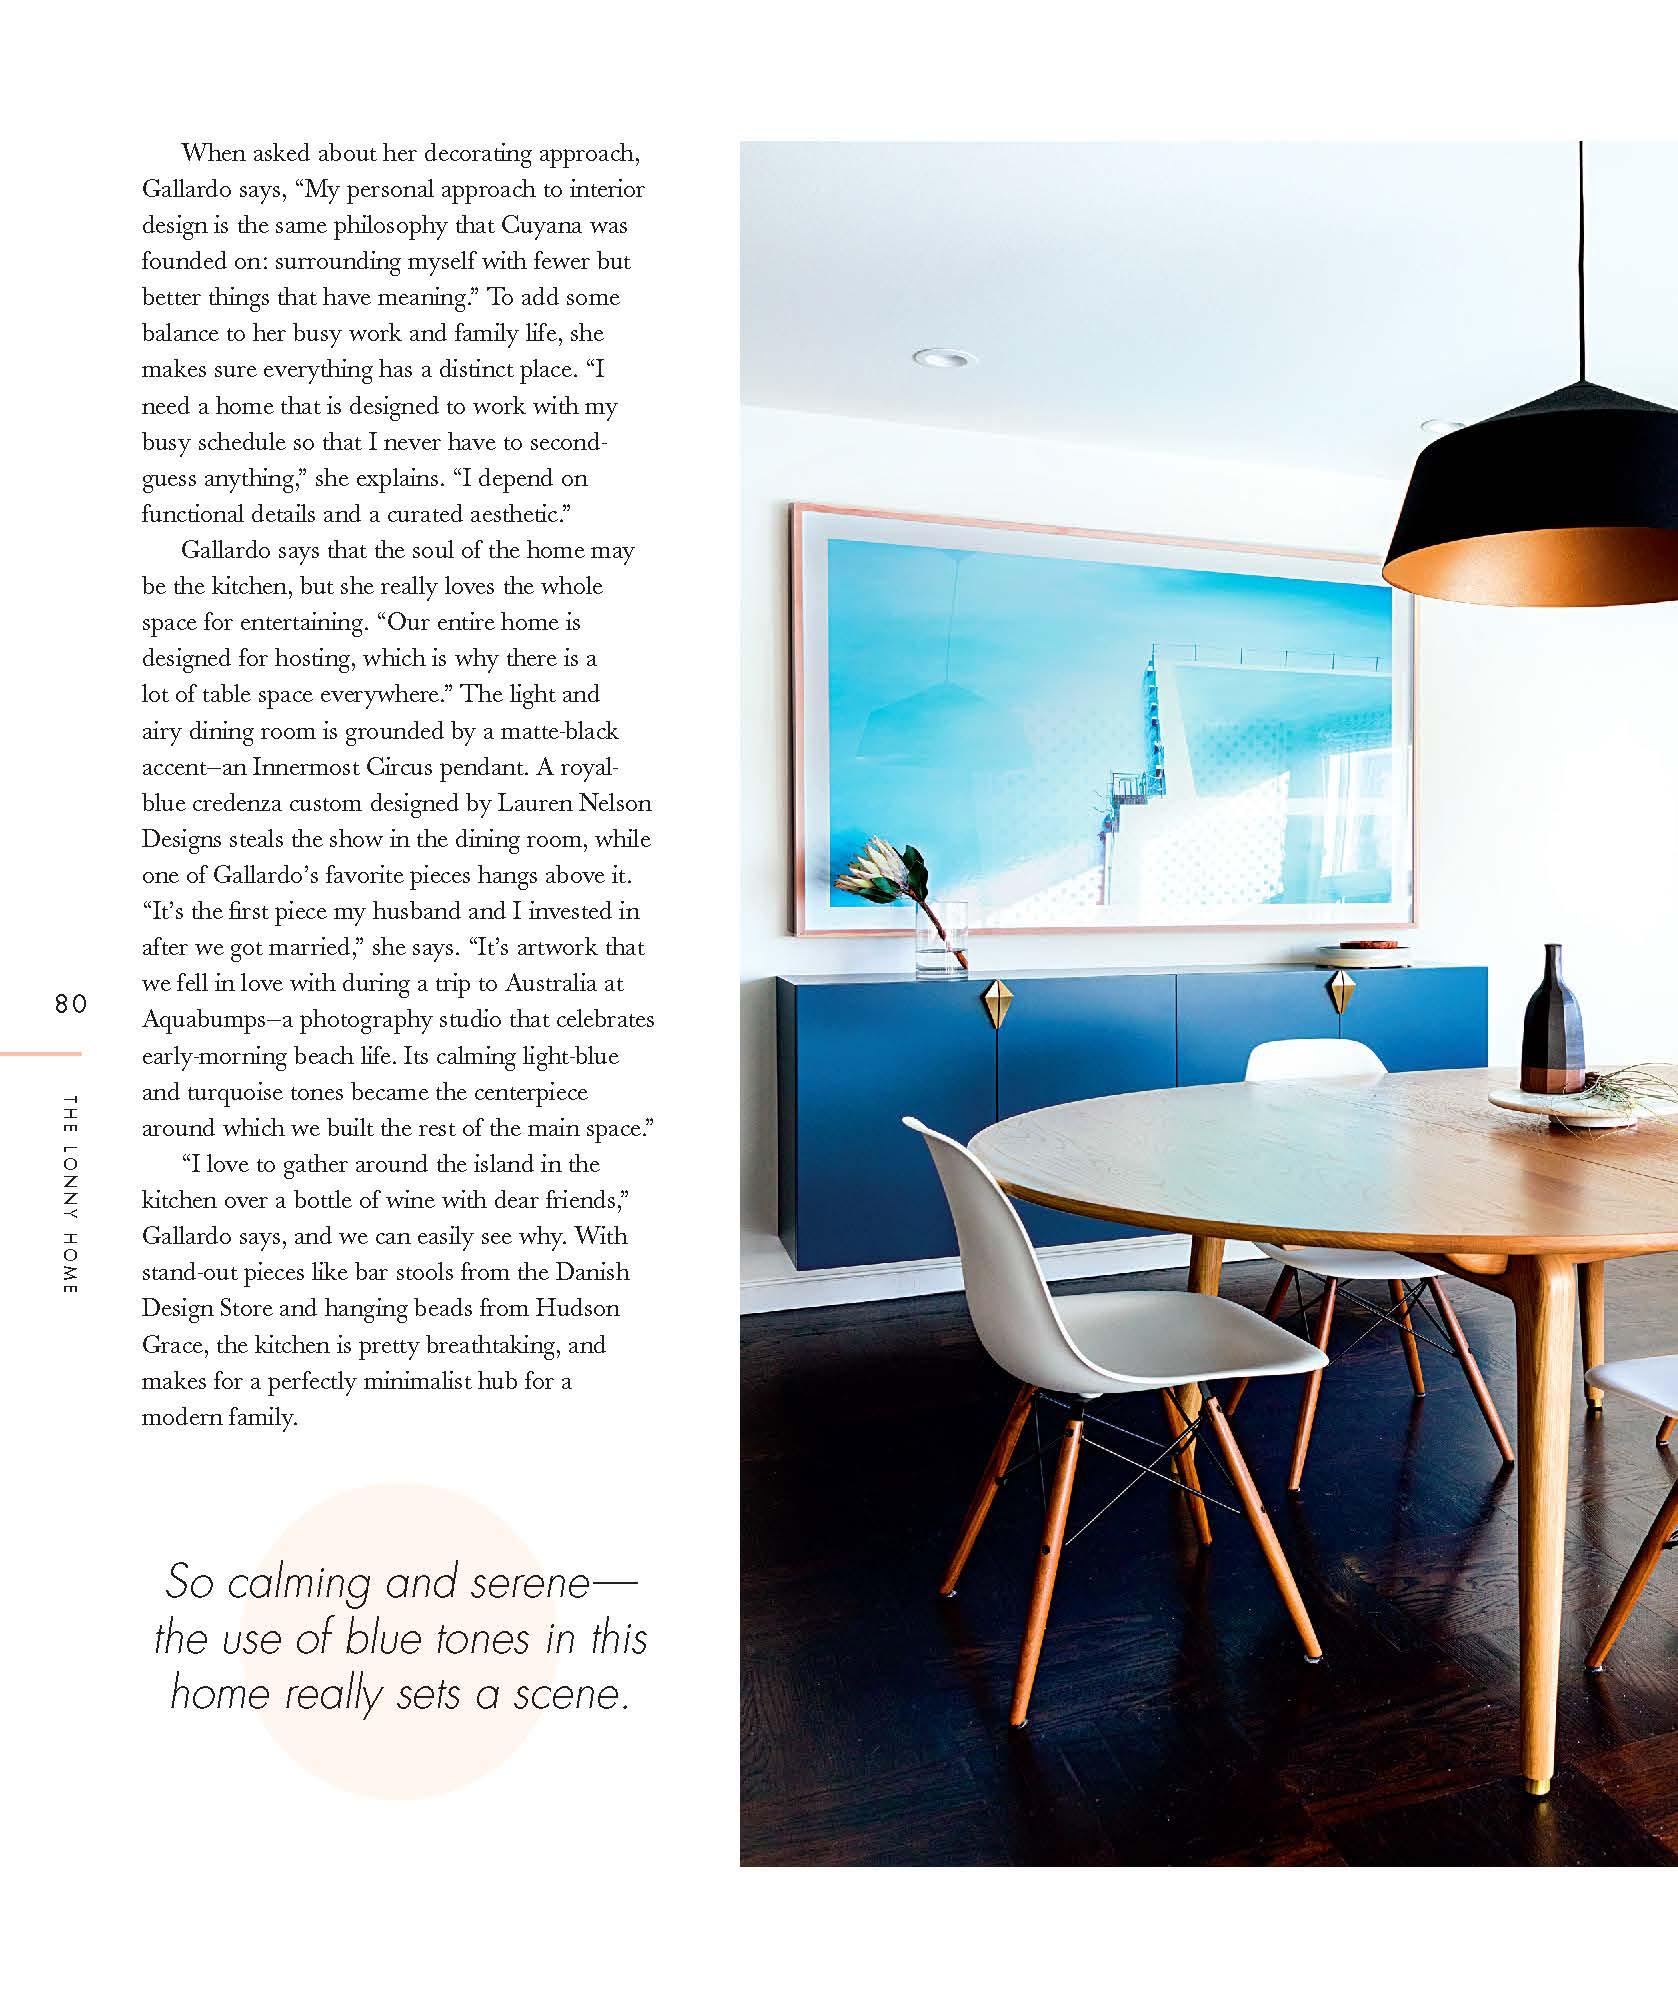 Lauren Nelson Design for The Lonny Home 3.jpg